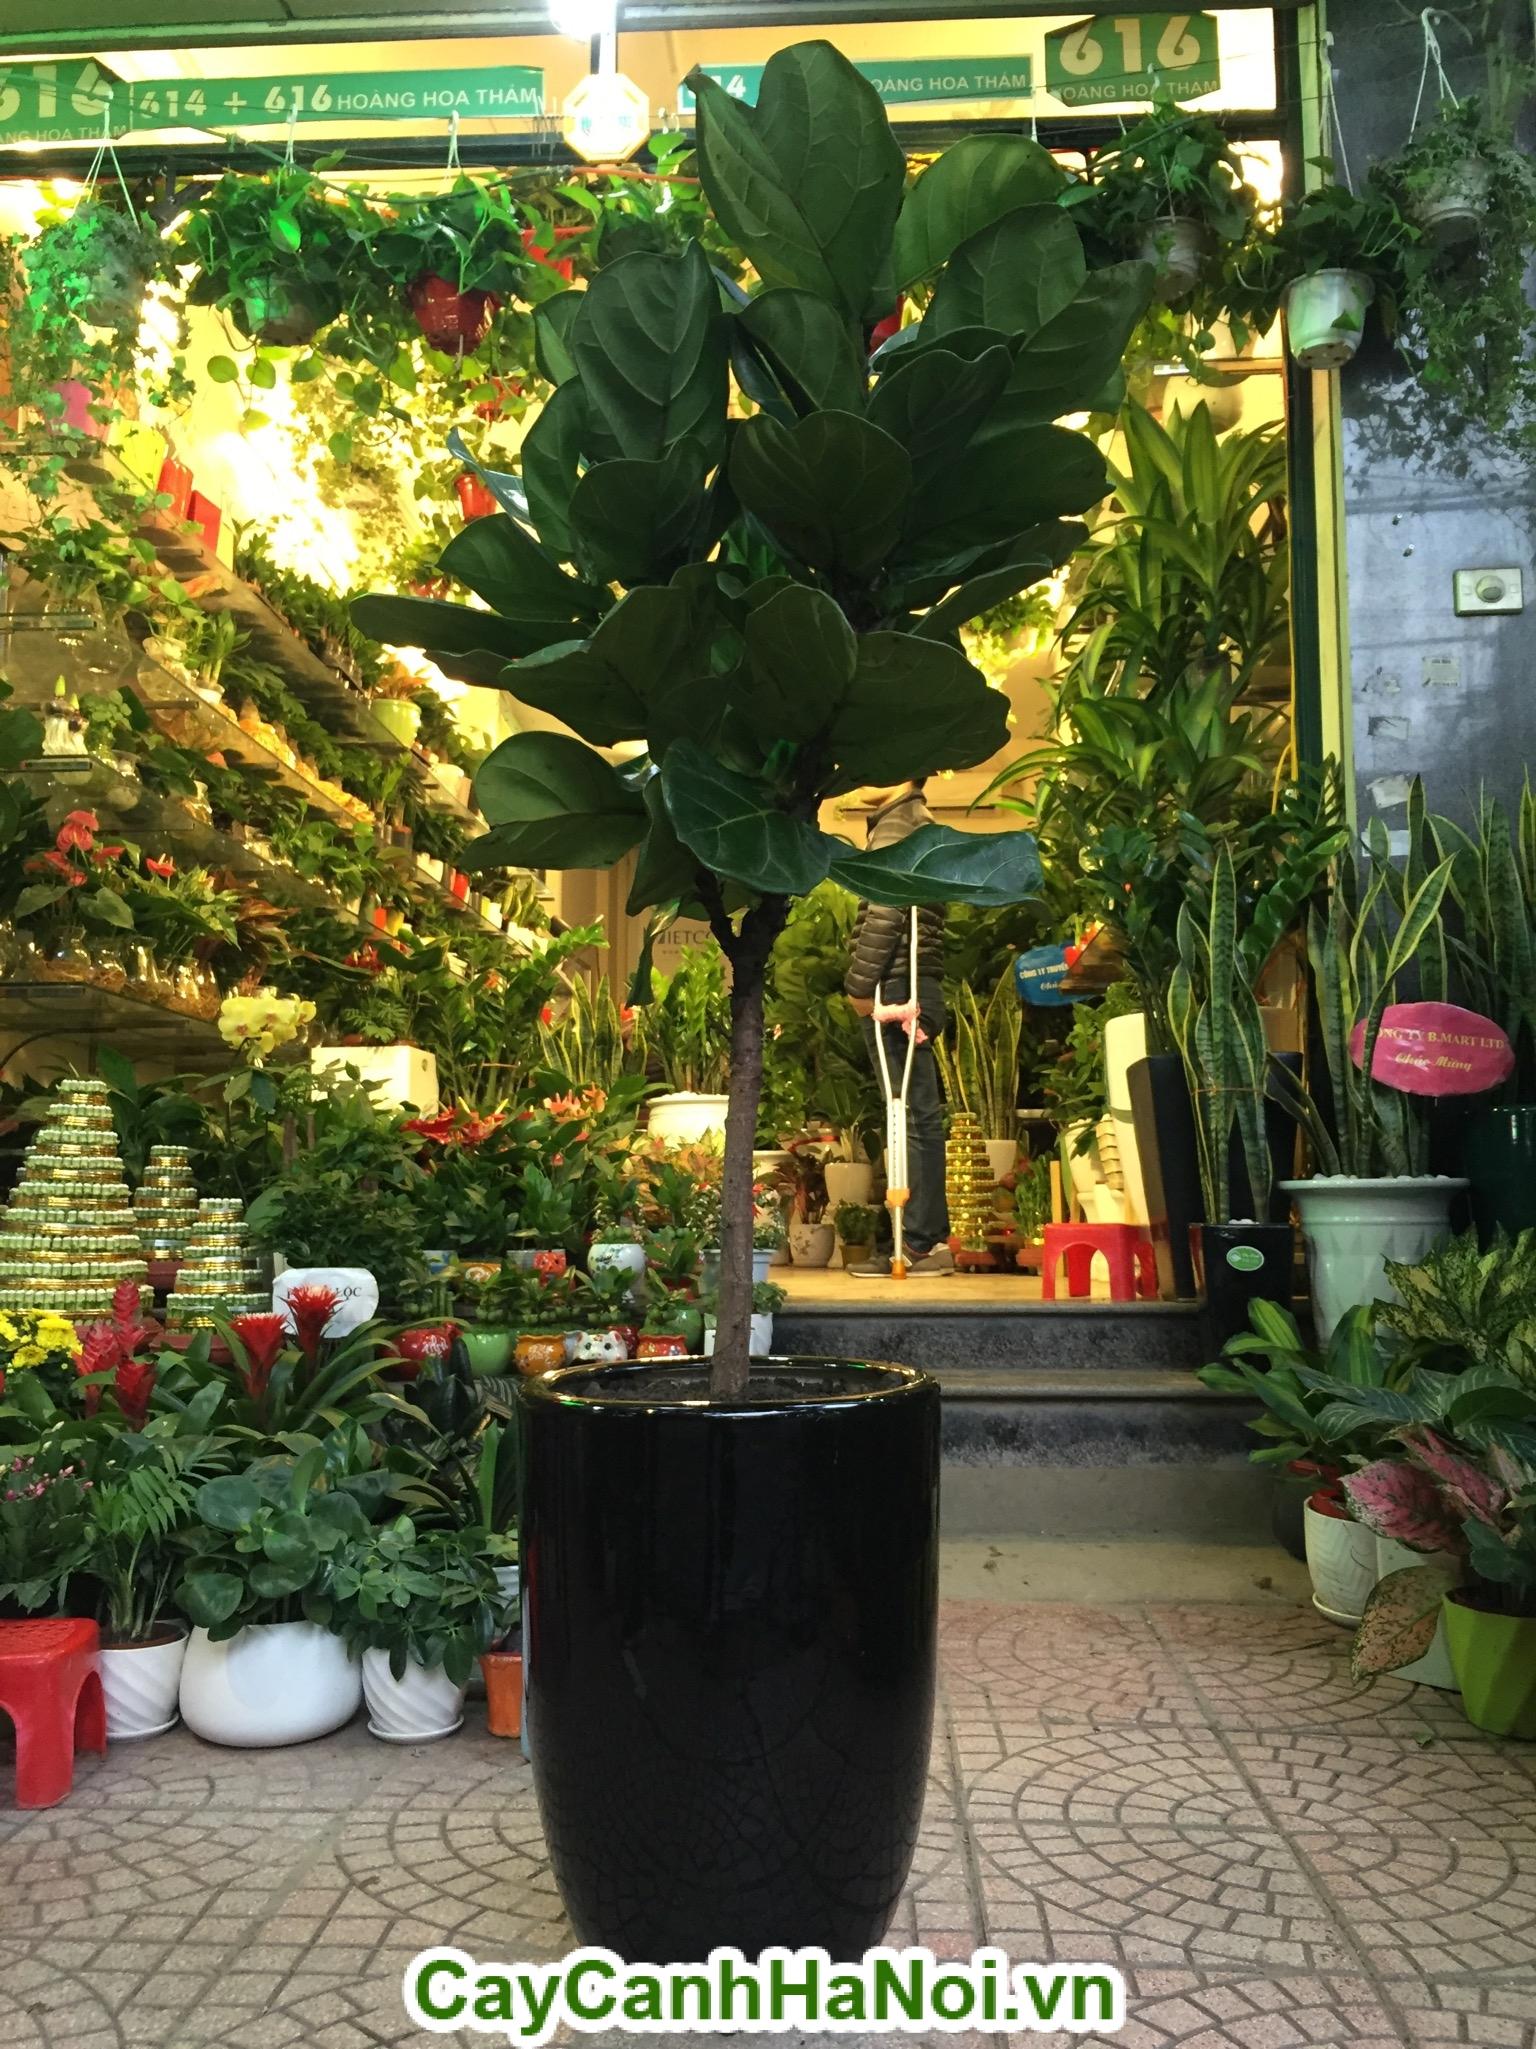 Top 6 cây trong nhà giúp làm sạch không khí